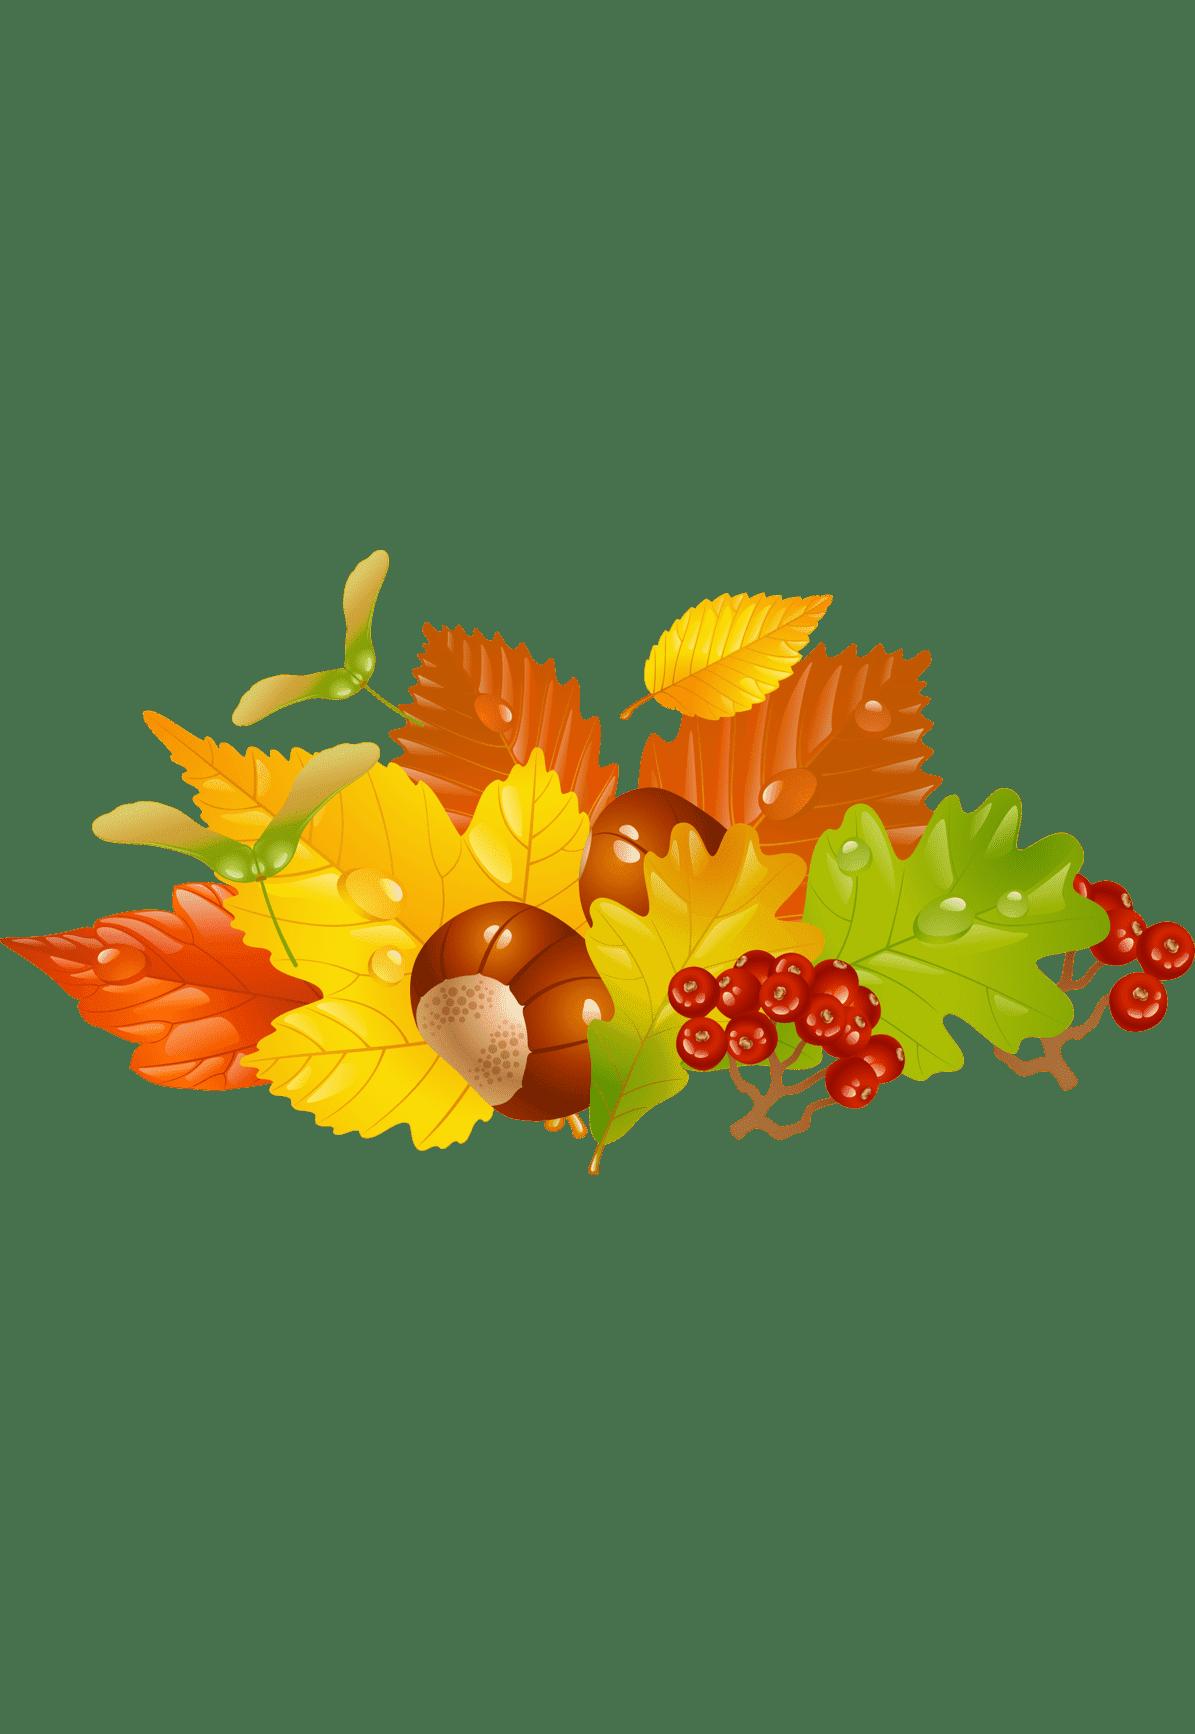 Раскраска осень золотая